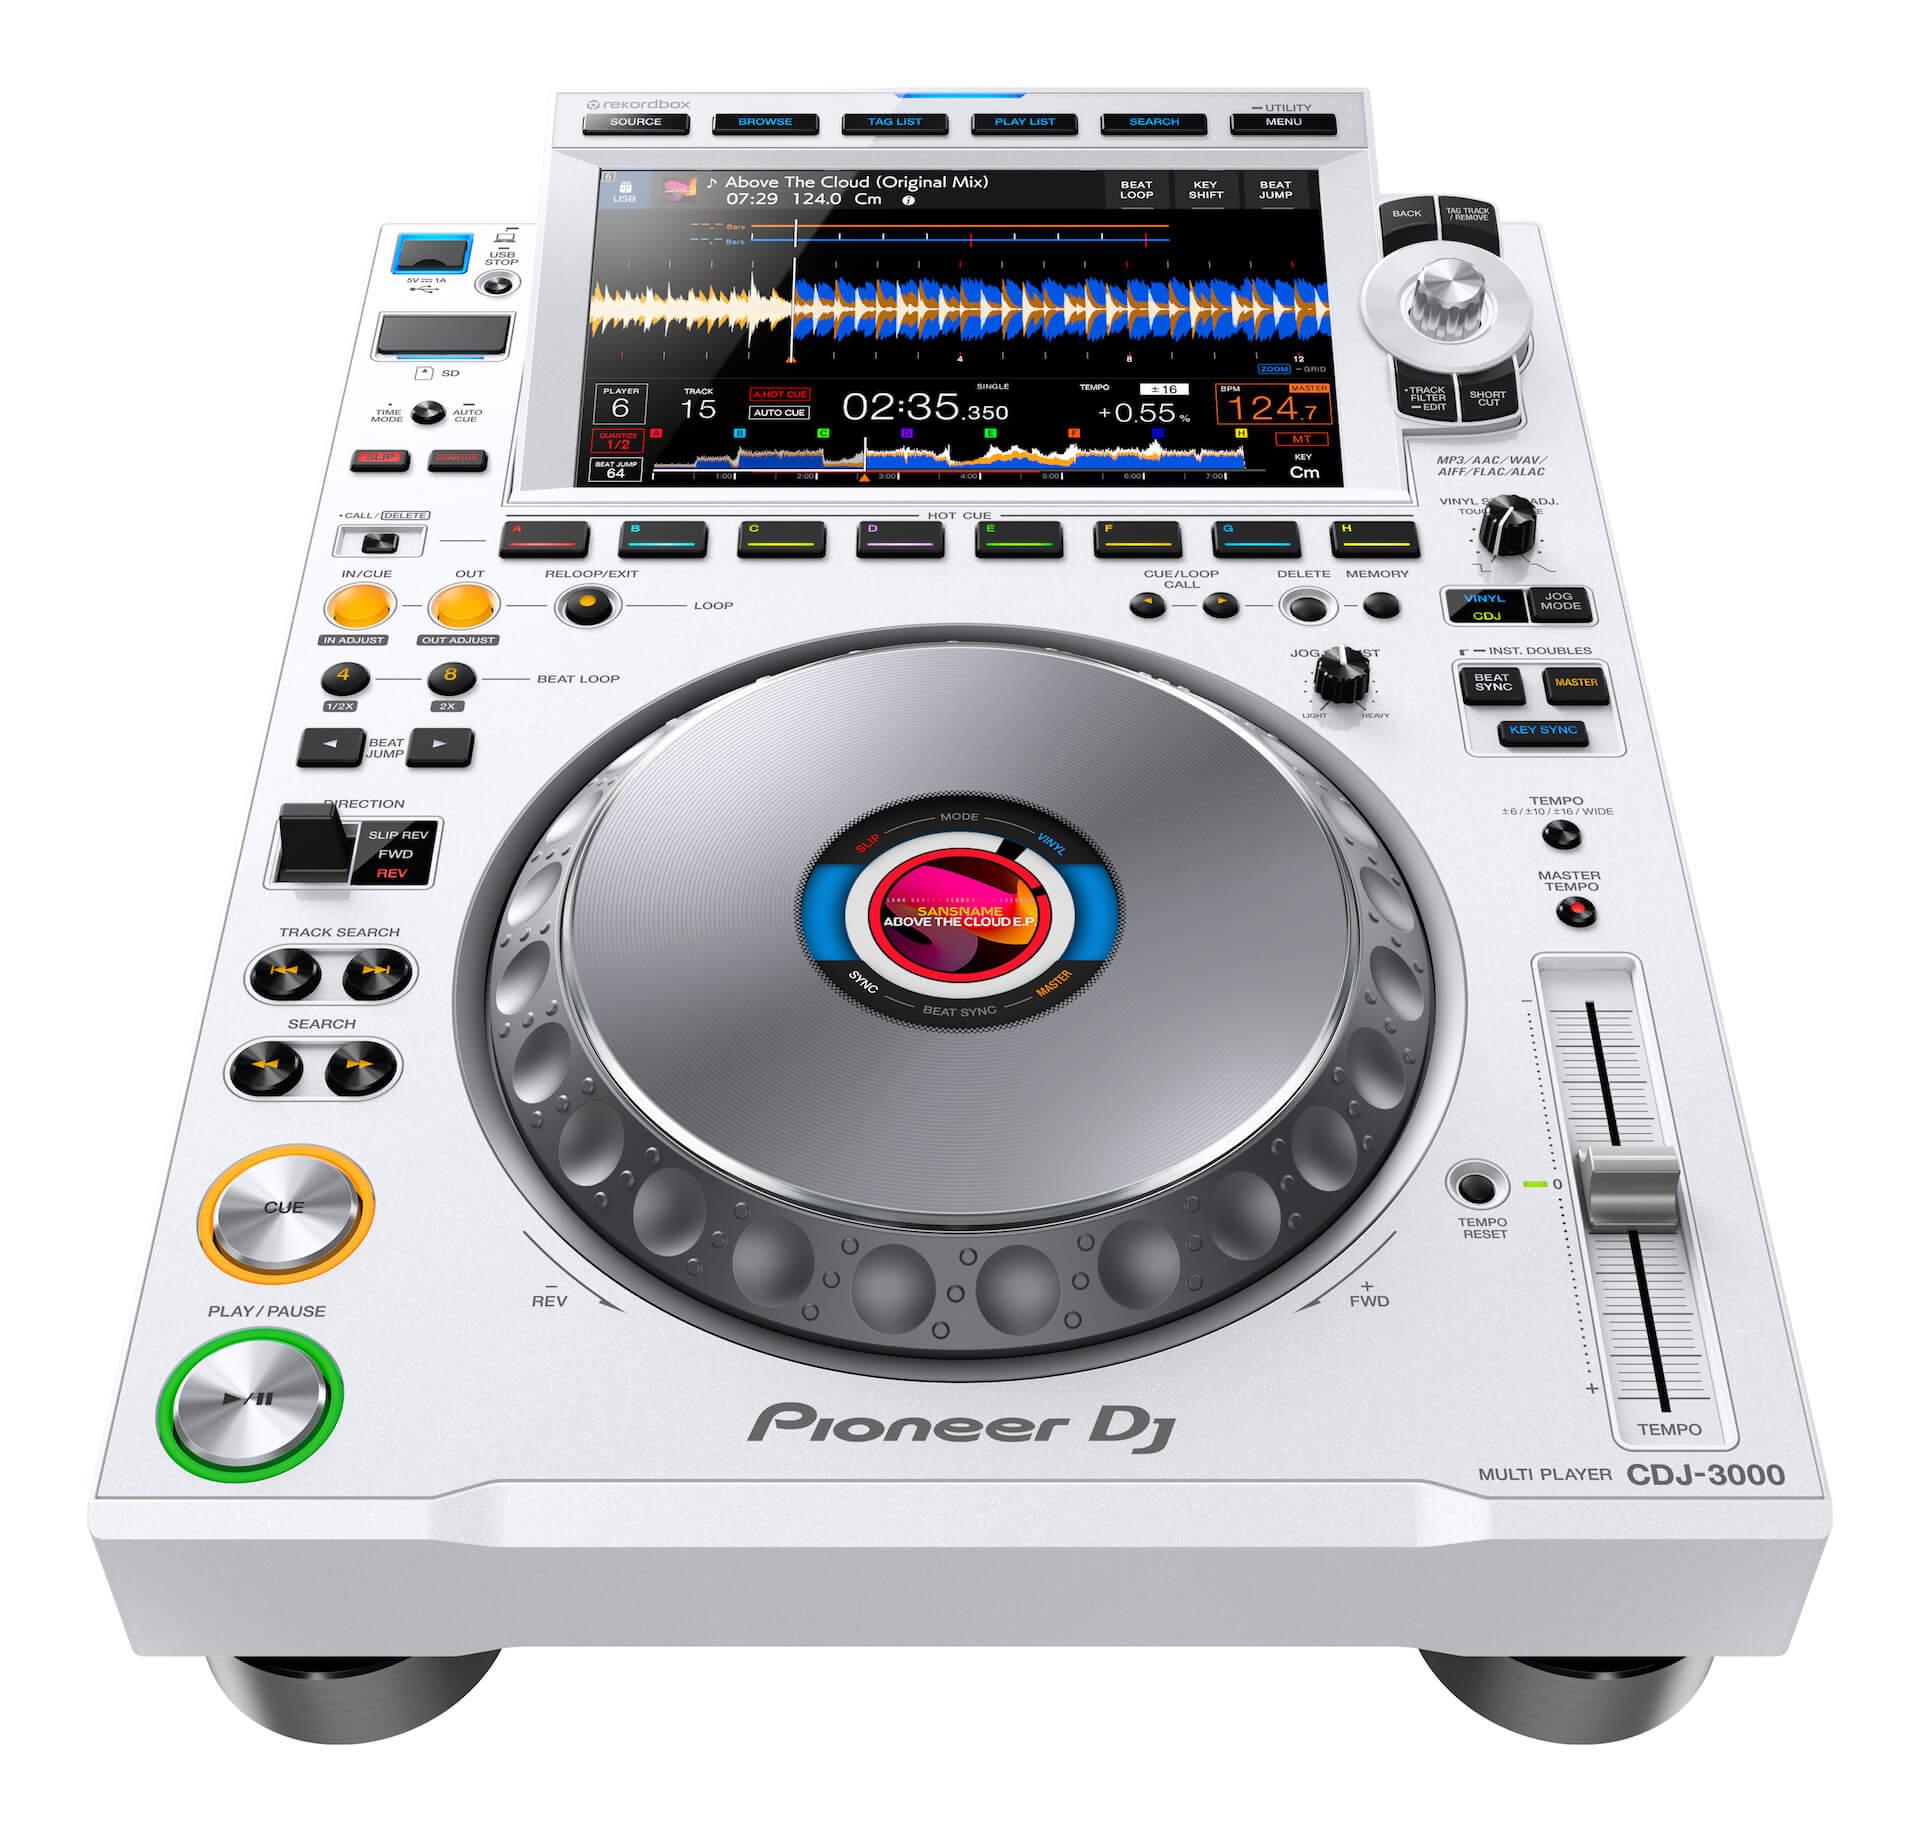 Pioneer DJからCDJシリーズ最新モデル「CDJ-3000」が登場!限定モデル「CDJ-3000-W」も tech200910_cdj_3000_9